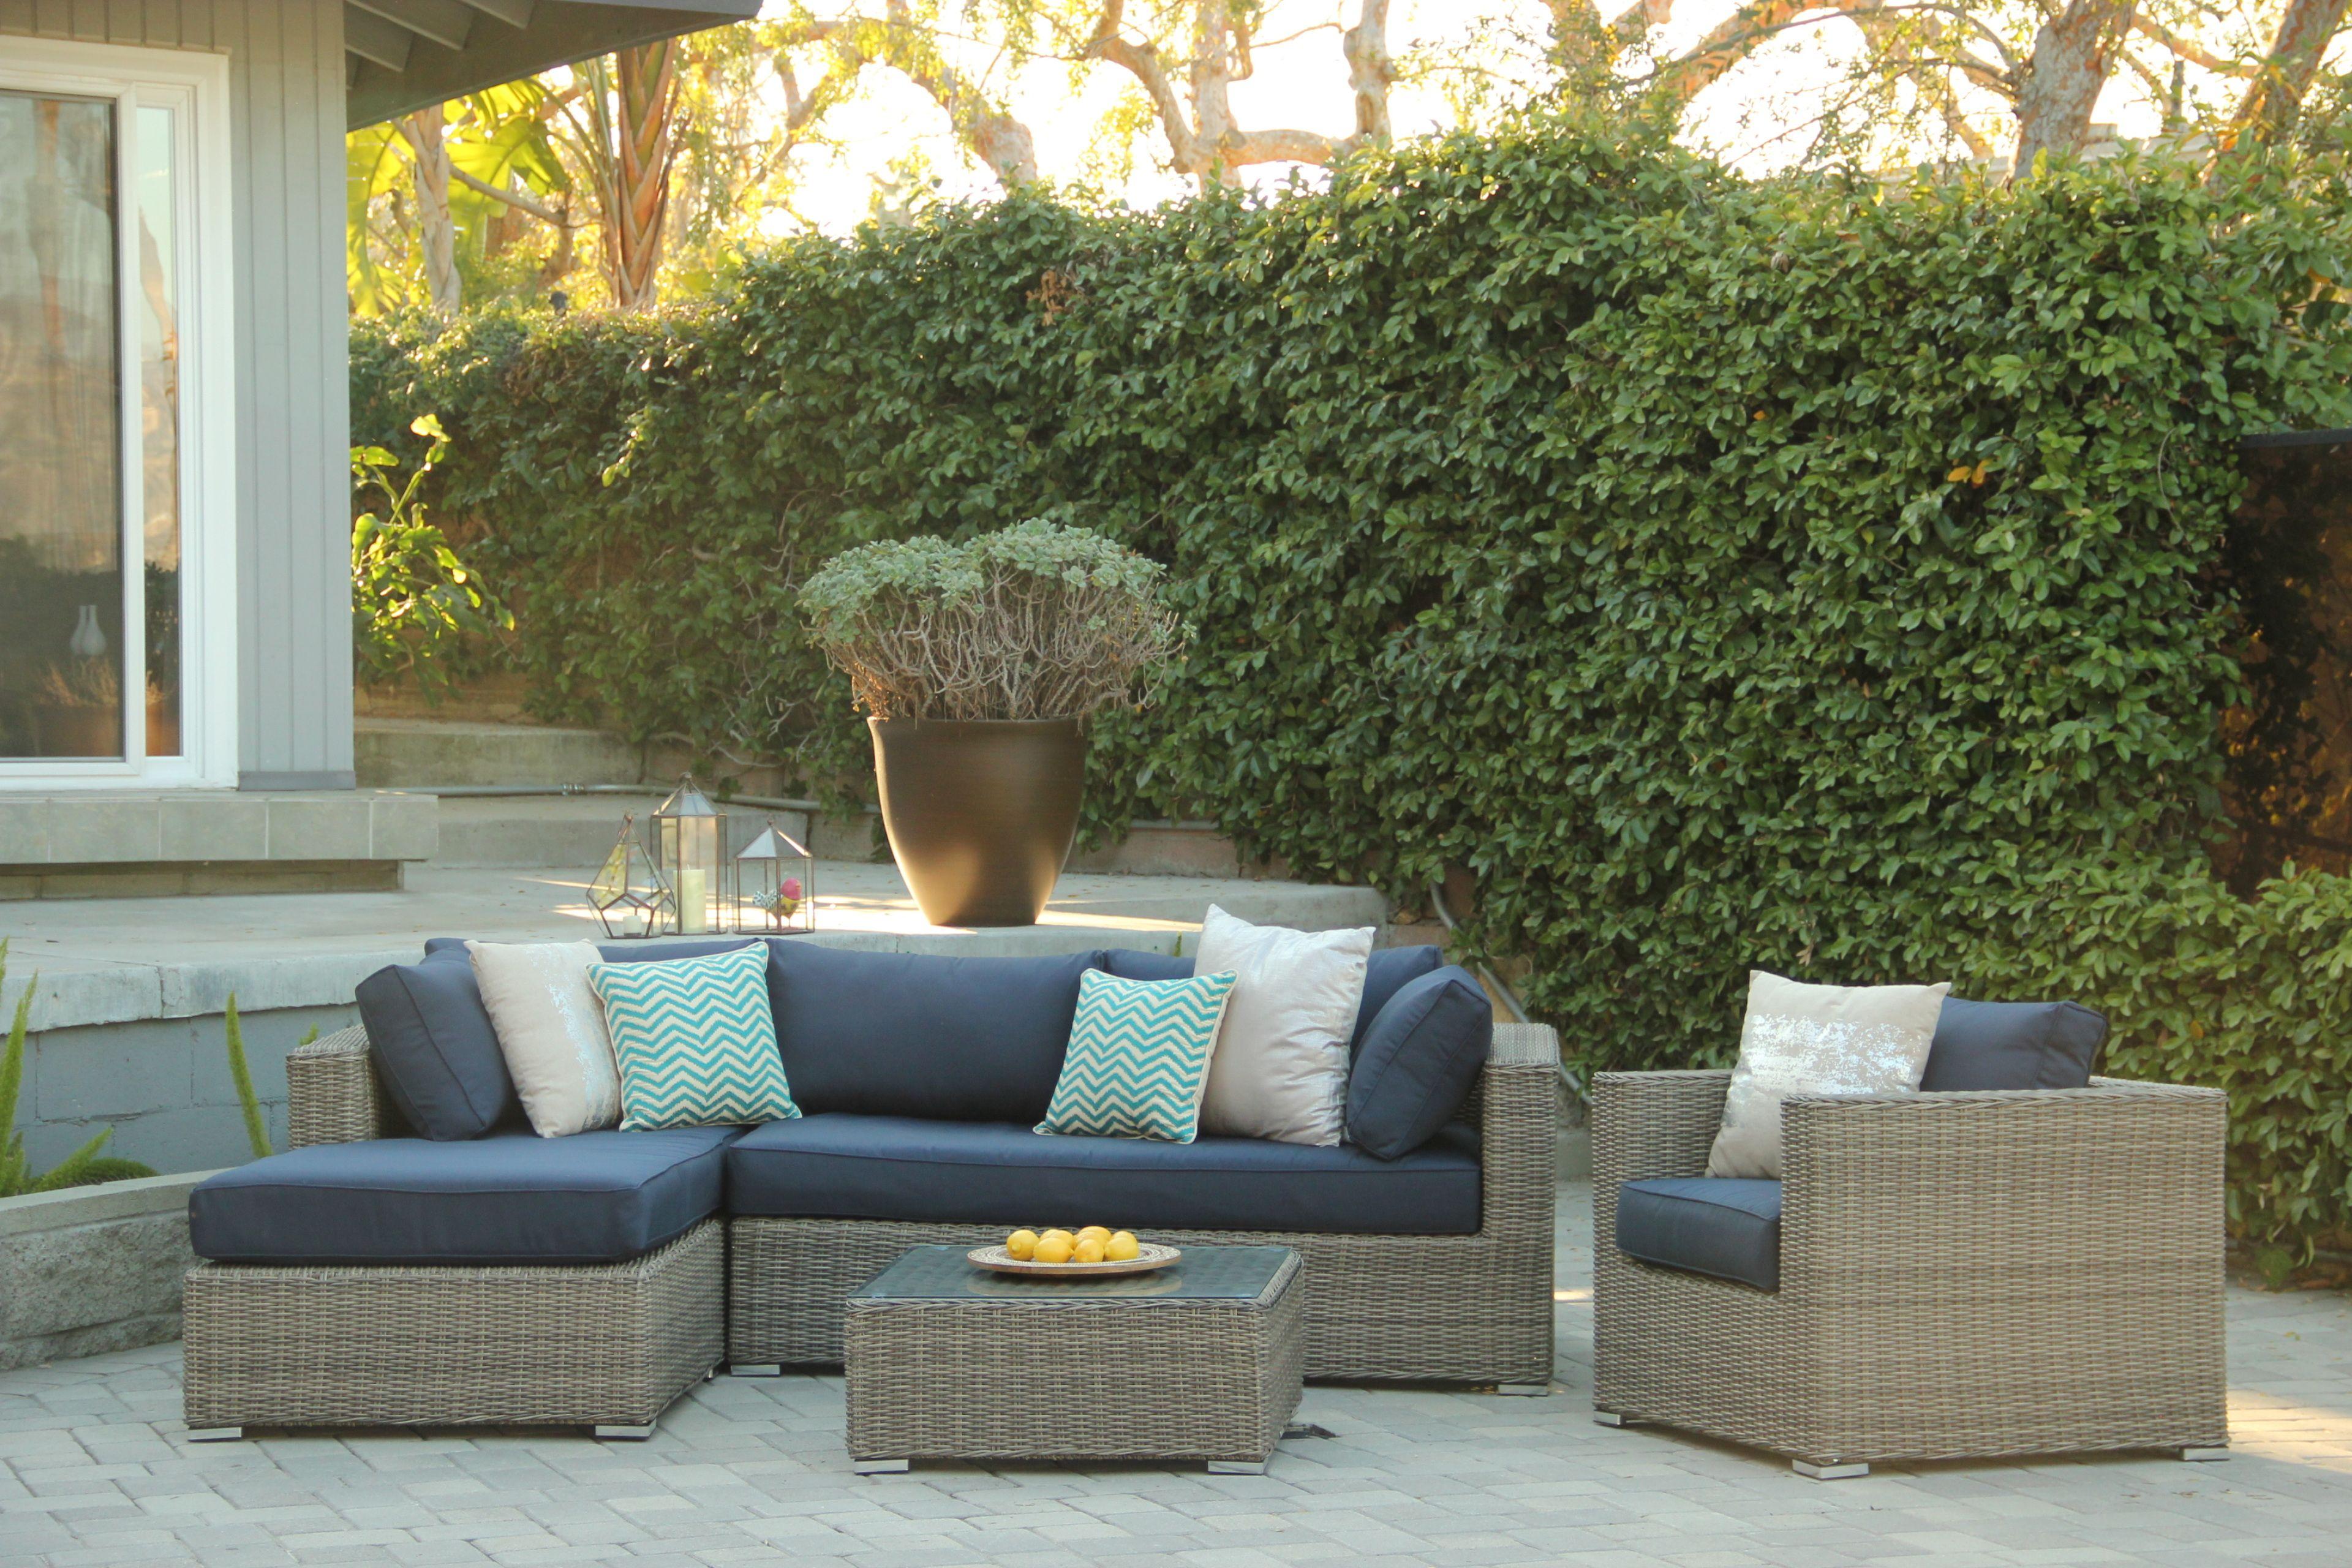 ajna living outdoor furniture bridge home inspiration patio rh pinterest com